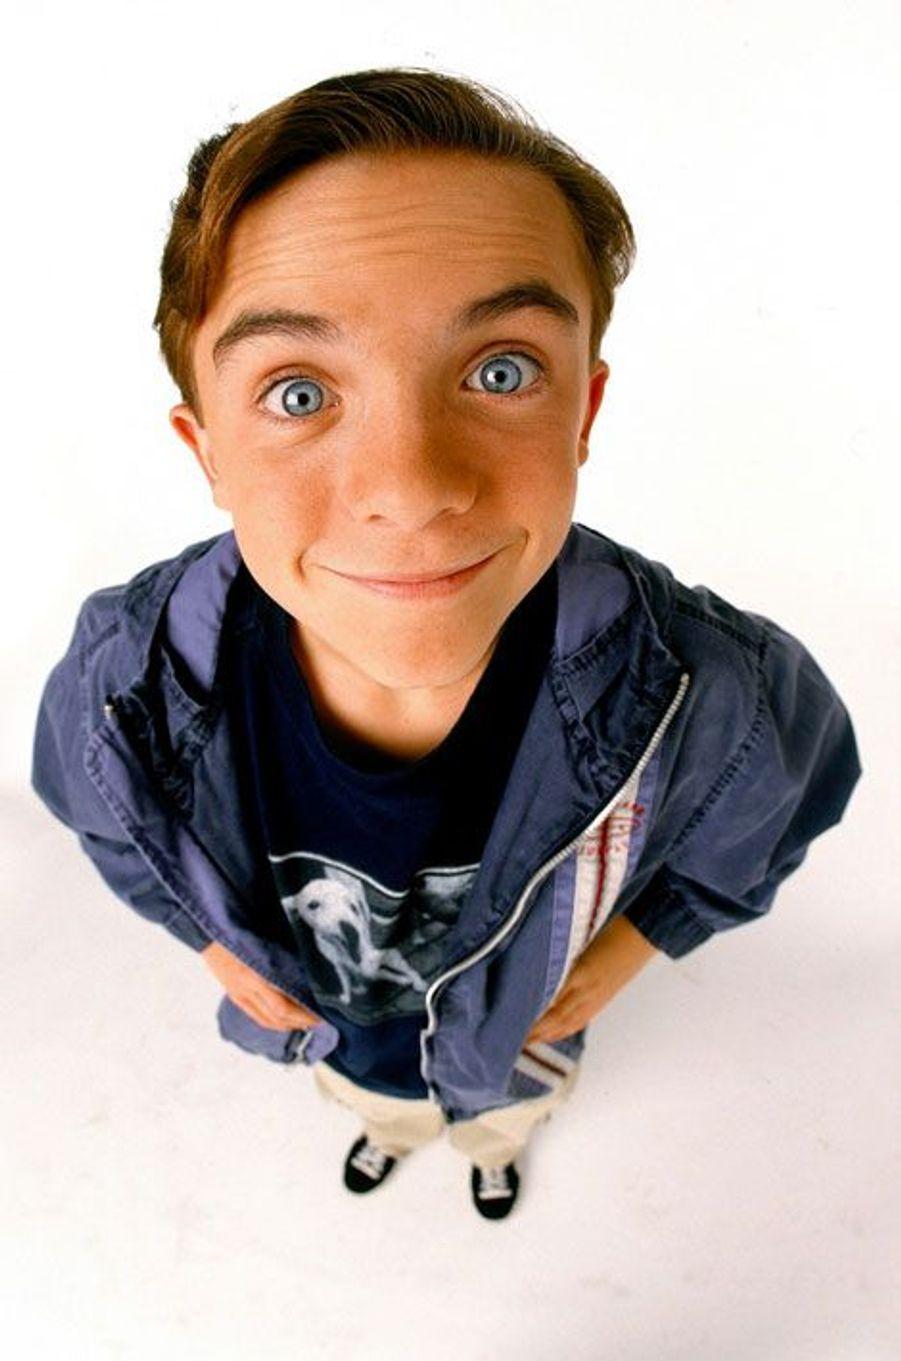 Devenu star de la télévision dans les années 2000 alors qu'il était encore un enfant, acclamé, nommé aux Golden Globes, le jeune homme de 29 ans a connu un difficile retour à l'anonymat. Après avoir tenté de percer dans la course automobile et la chanson, il a essayé en 2012 de revenir sur le devant de la scène en tant qu'acteur. Il a notamment a interprété son propre rôle dans la série «Don't Trust The B---- In Appartment 23», où James Van Der Beek incarne une version de lui-même particulièrement mégalomane. Le jeune homme d'aujourd'hui 29 ans a en outre connu de graves problèmes de santé, victime de deux AVC en deux ans. «Pratiquement un an jour pour jour après mon premier AVC, j'ai de nouveau fait une attaque. J'espère que ce sera la dernière. Je suis mal», avait-il écrit sur Twitter le 27 novembre 2013. Il est marié récemment avec sa fiancée de longue date, Elycia Marie.